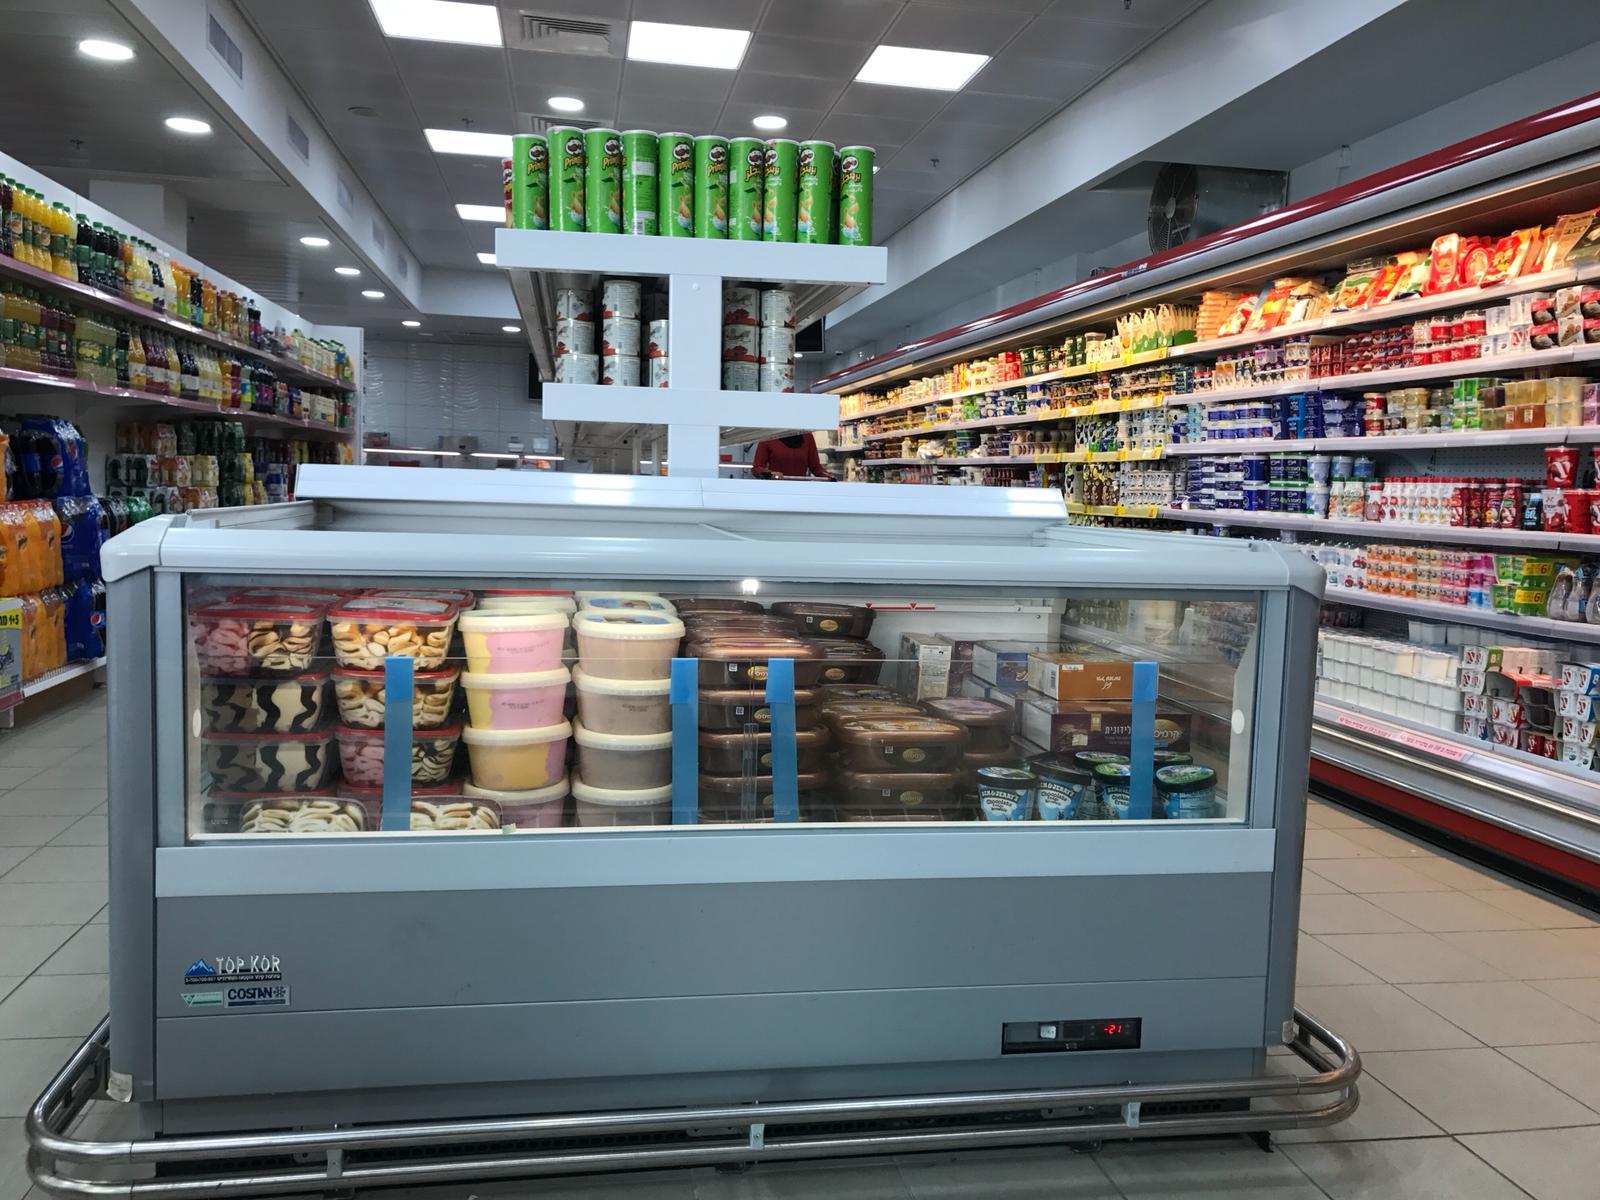 פרויקט מרכז המזון אלואחה (13)